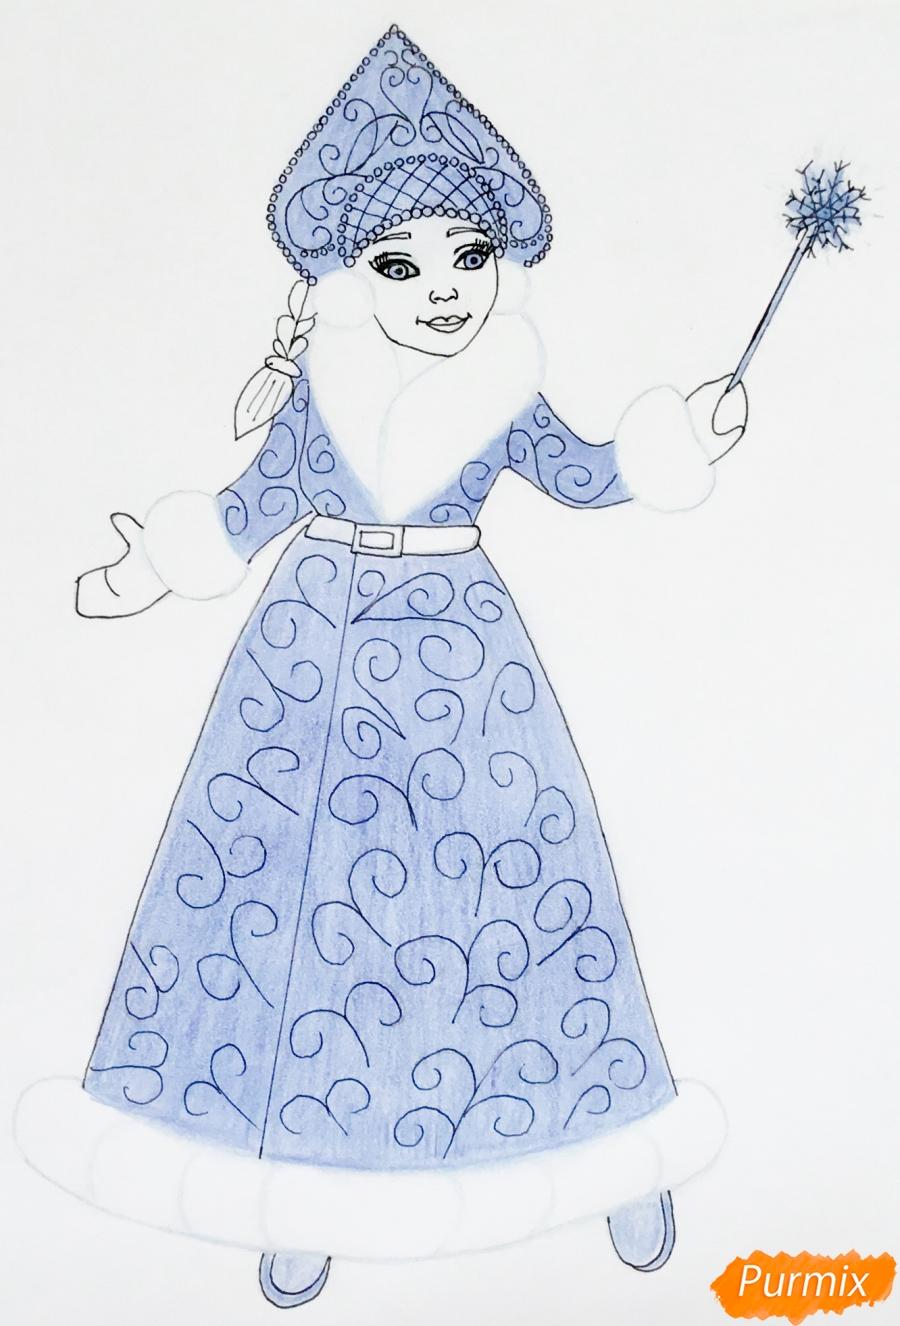 Рисуем снегурочку с волшебной палочкой в руке карандашами - шаг 9